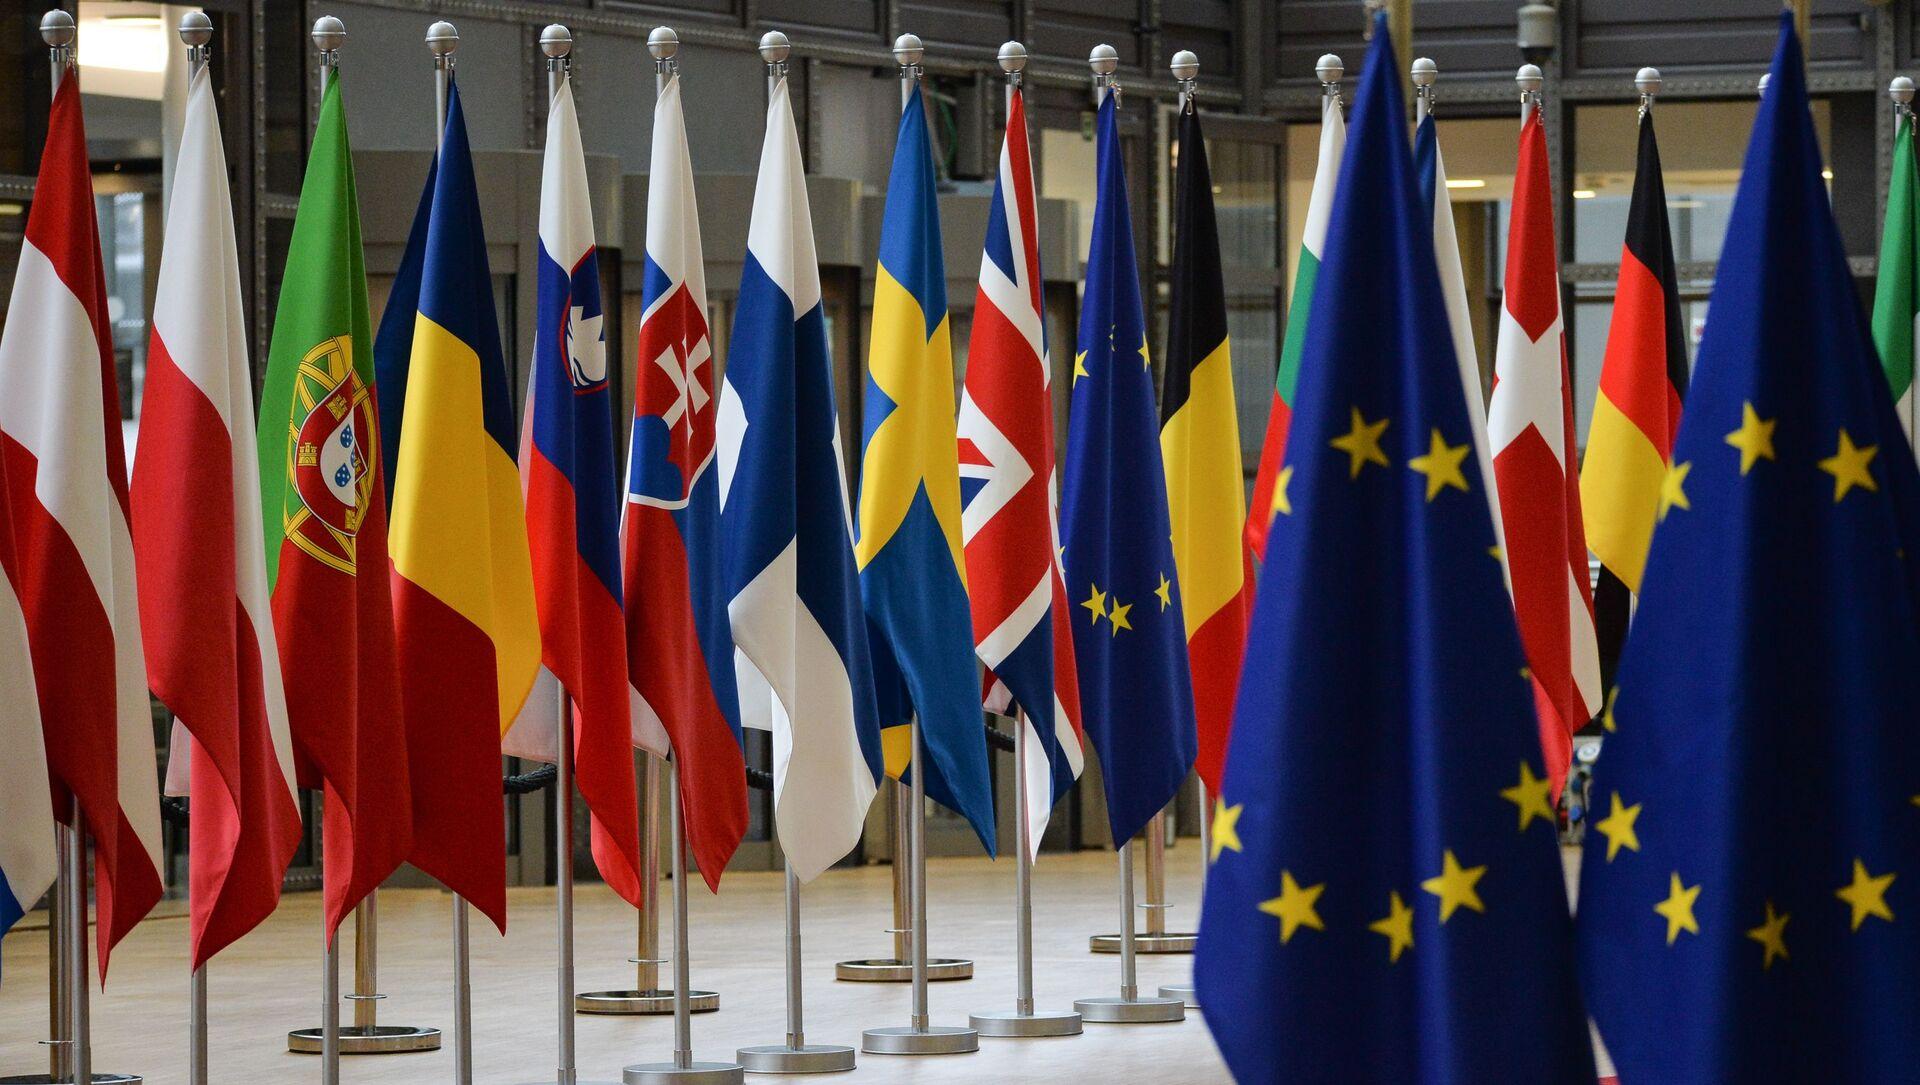 Саммит ЕС в Брюсселе - Sputnik Южная Осетия, 1920, 11.04.2021